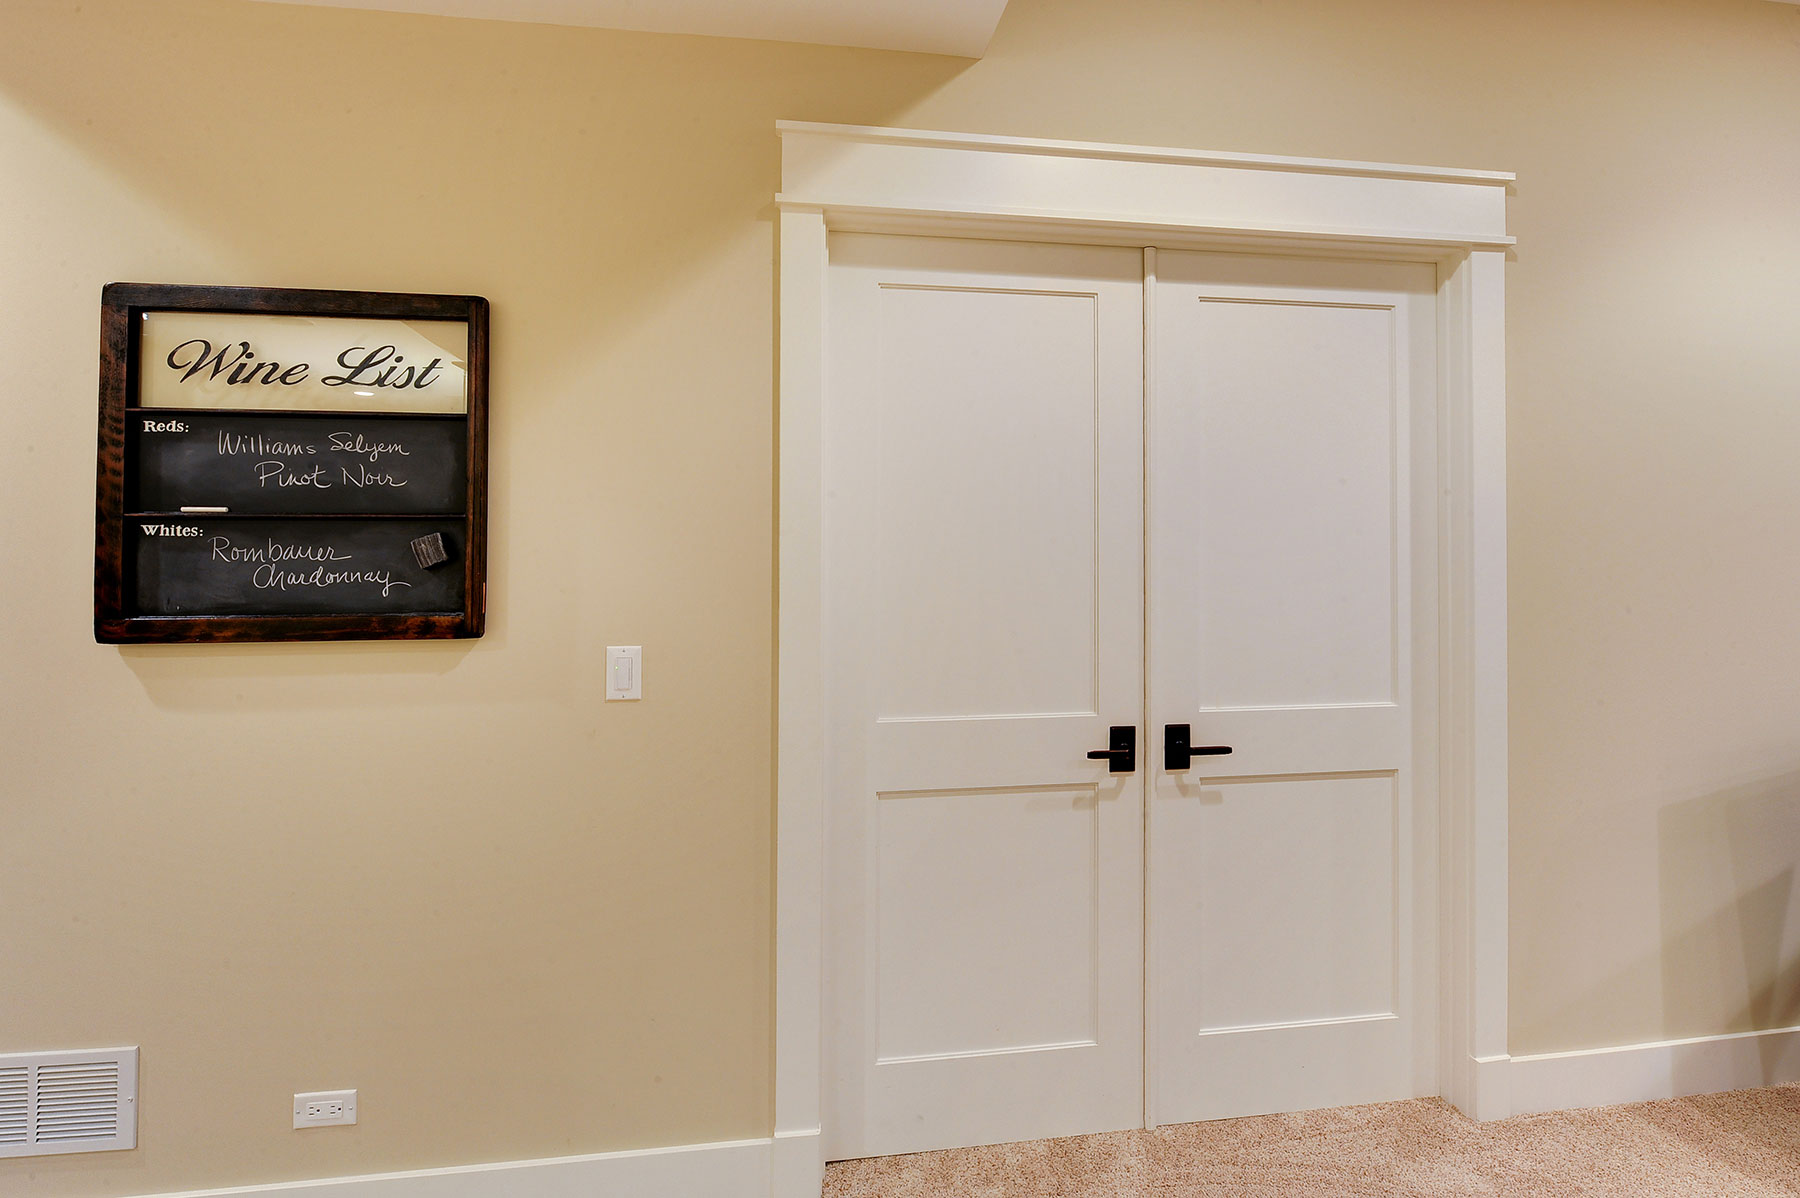 Custom Interior Double Door 2 Flat Panel White Painted Door Gallery In Stock And Custom Doors Pivot Doors Wine Cellar Doors Solid Wood Euro Technology Paint Grade Mdf